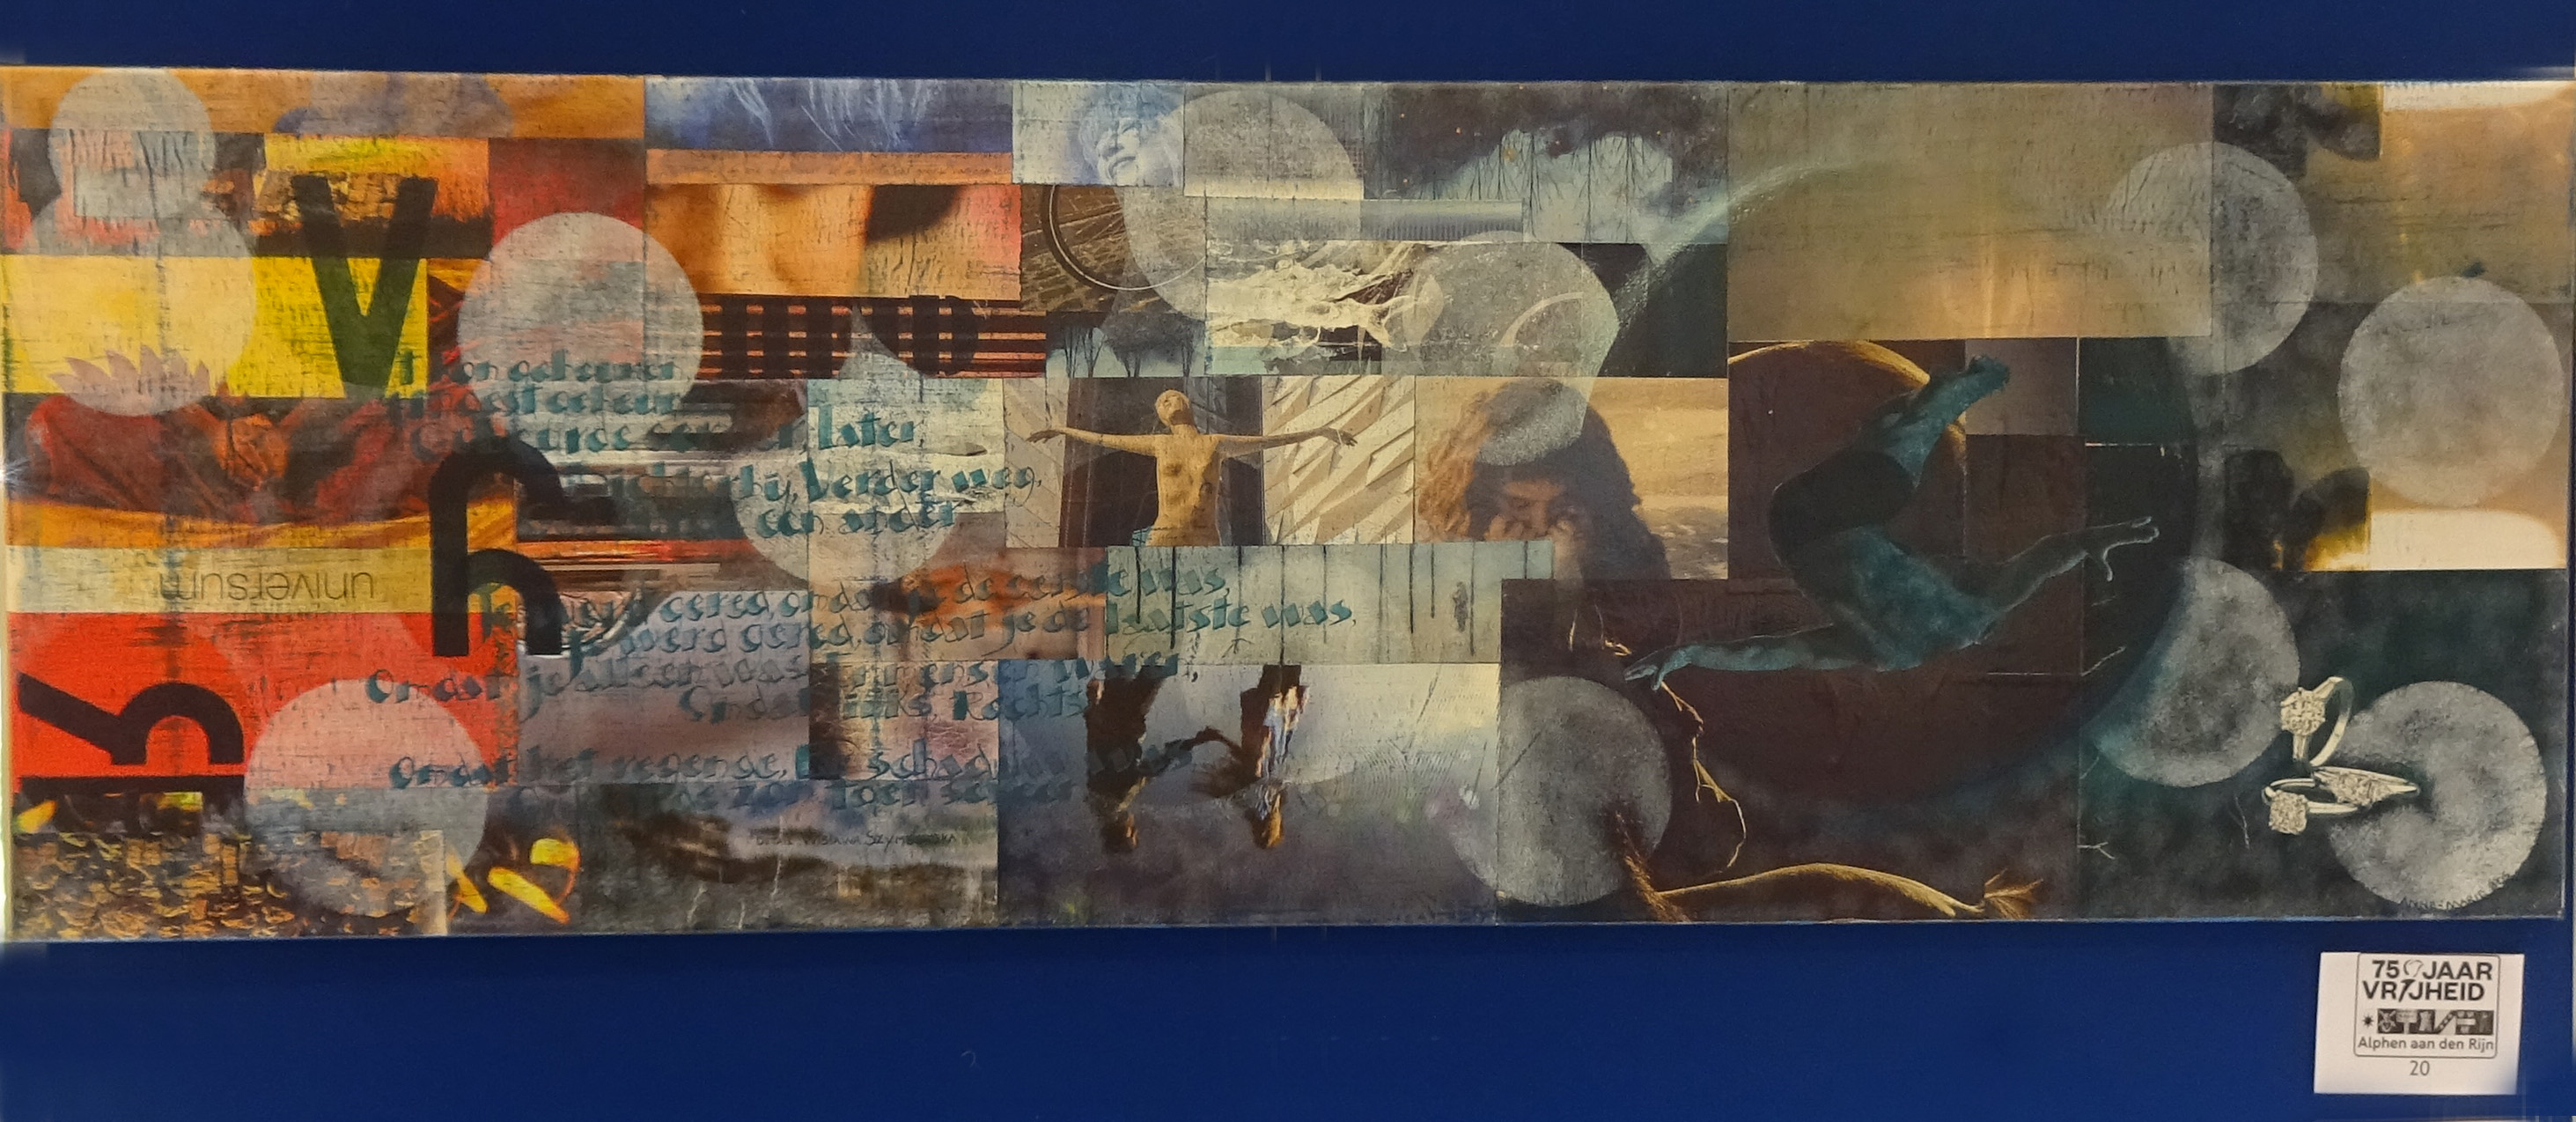 Elk-geval-door-Anne-Marie-Bos